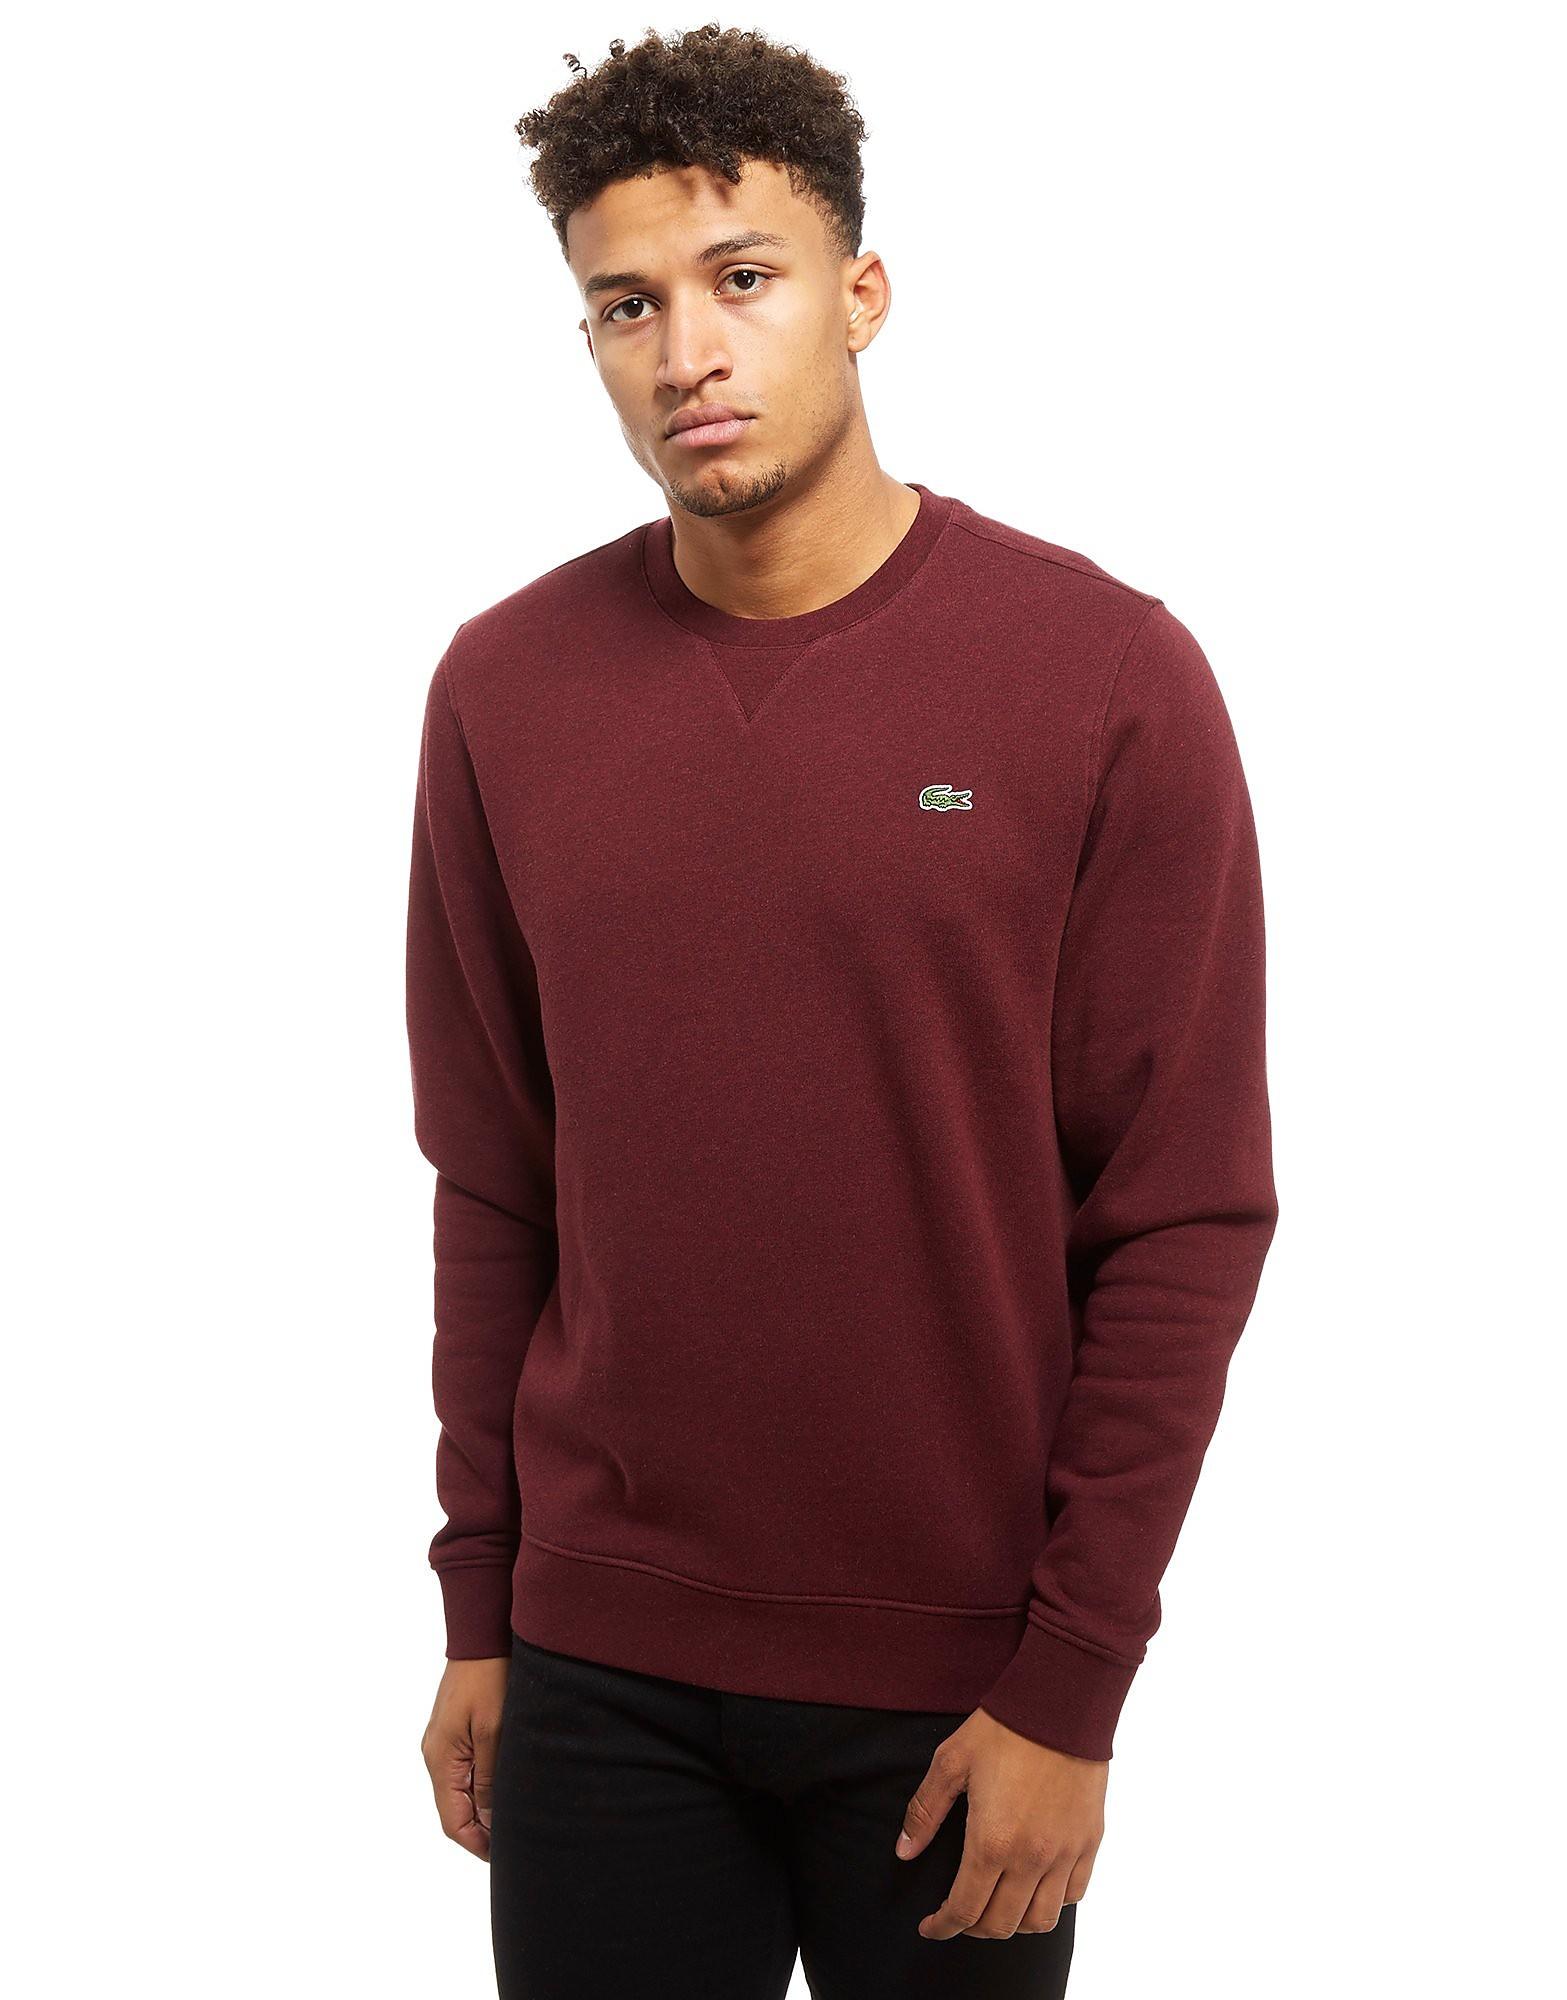 Lacoste Core Sweatshirt Homme